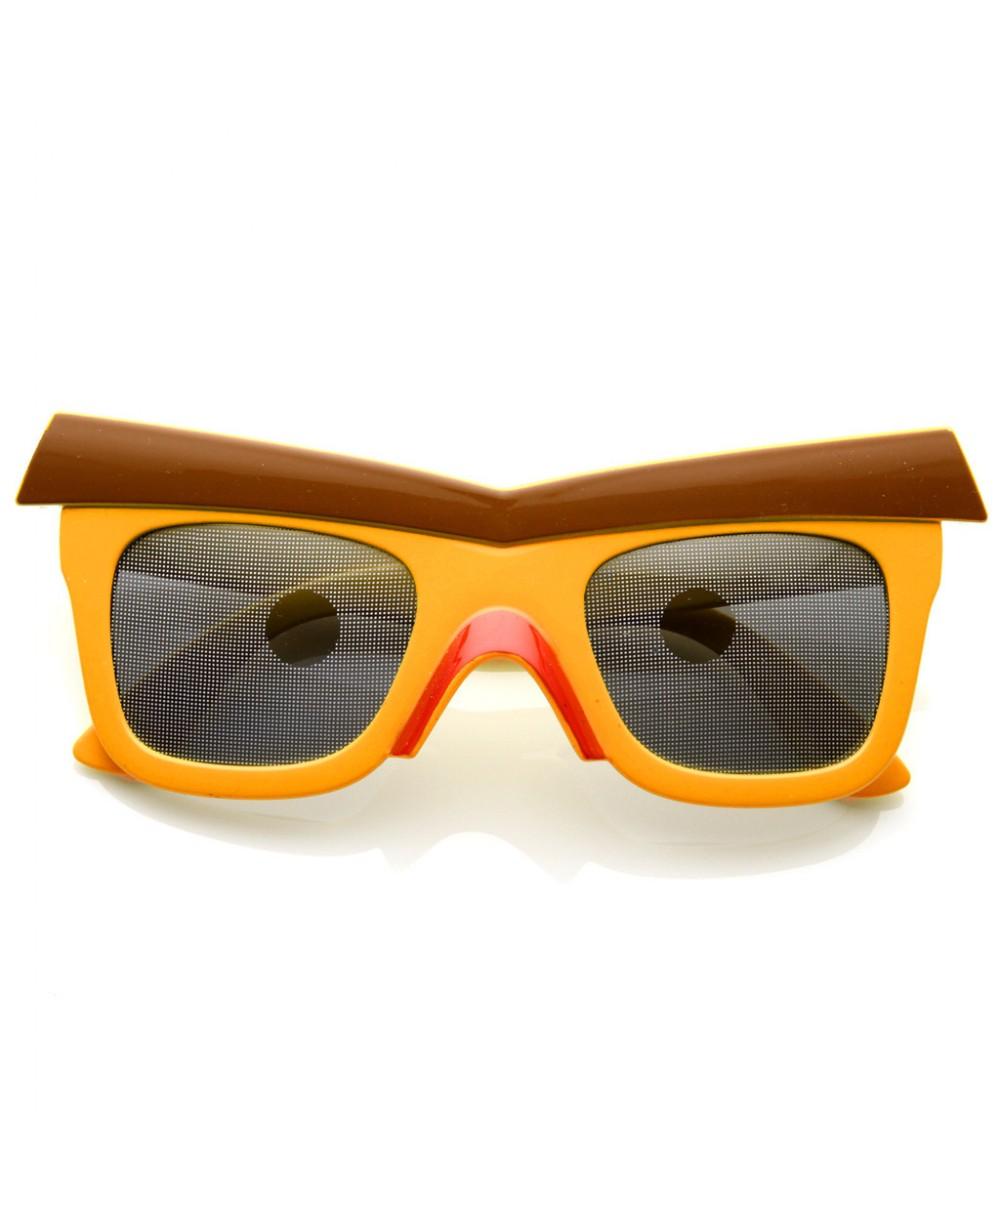 Beak-Sunglasses3 12 Unusual Sunglasses trends in 2018